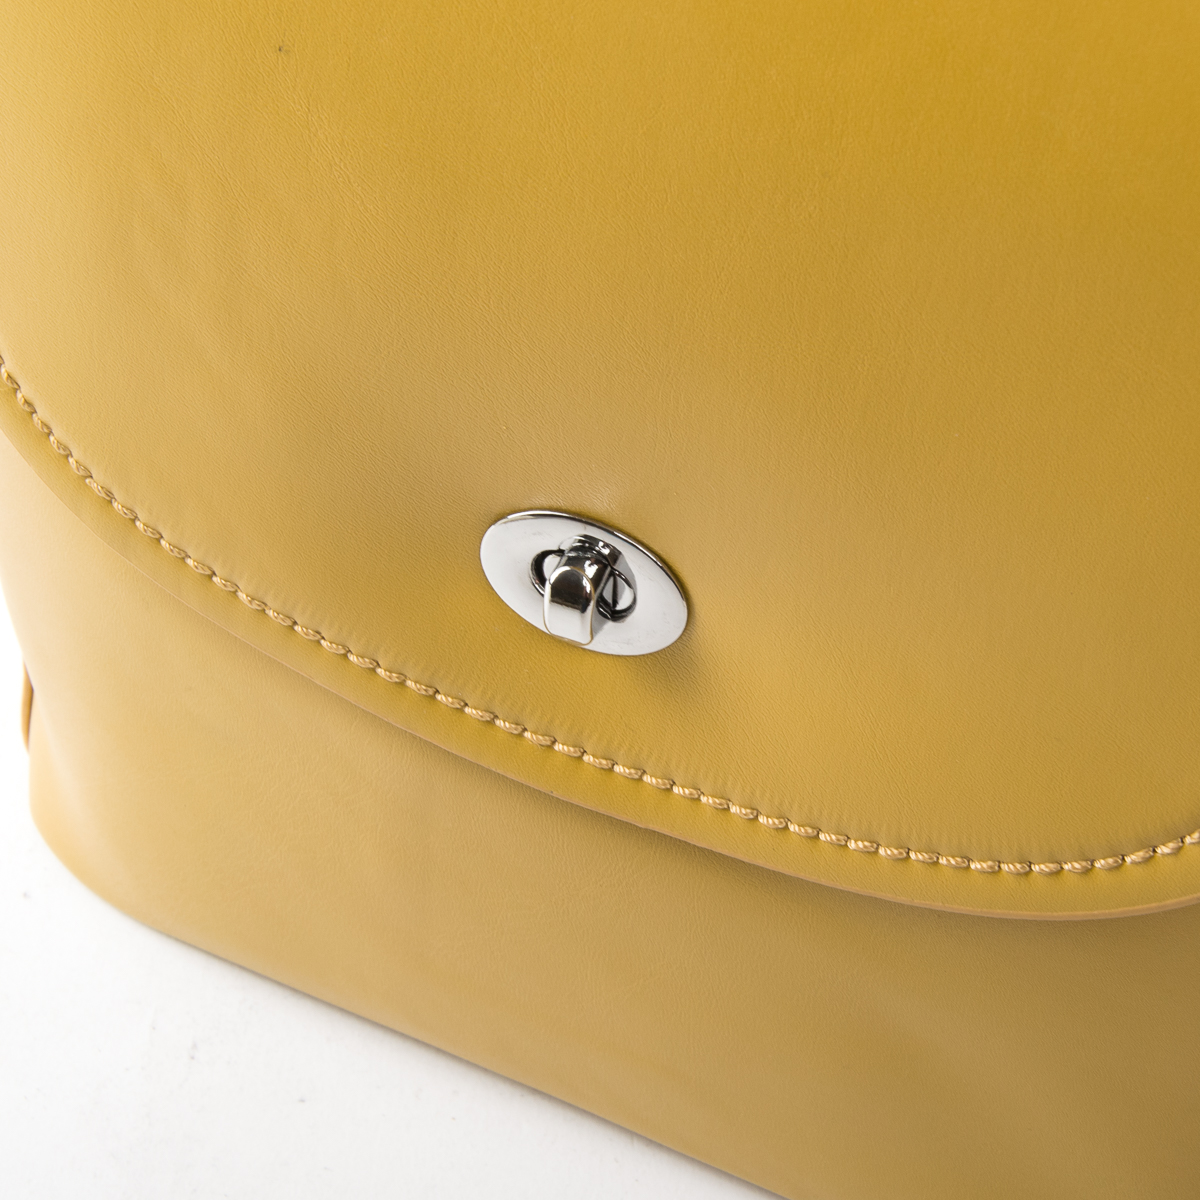 Сумка Женская Рюкзак иск-кожа FASHION 01-04 9901 yellow - фото 3